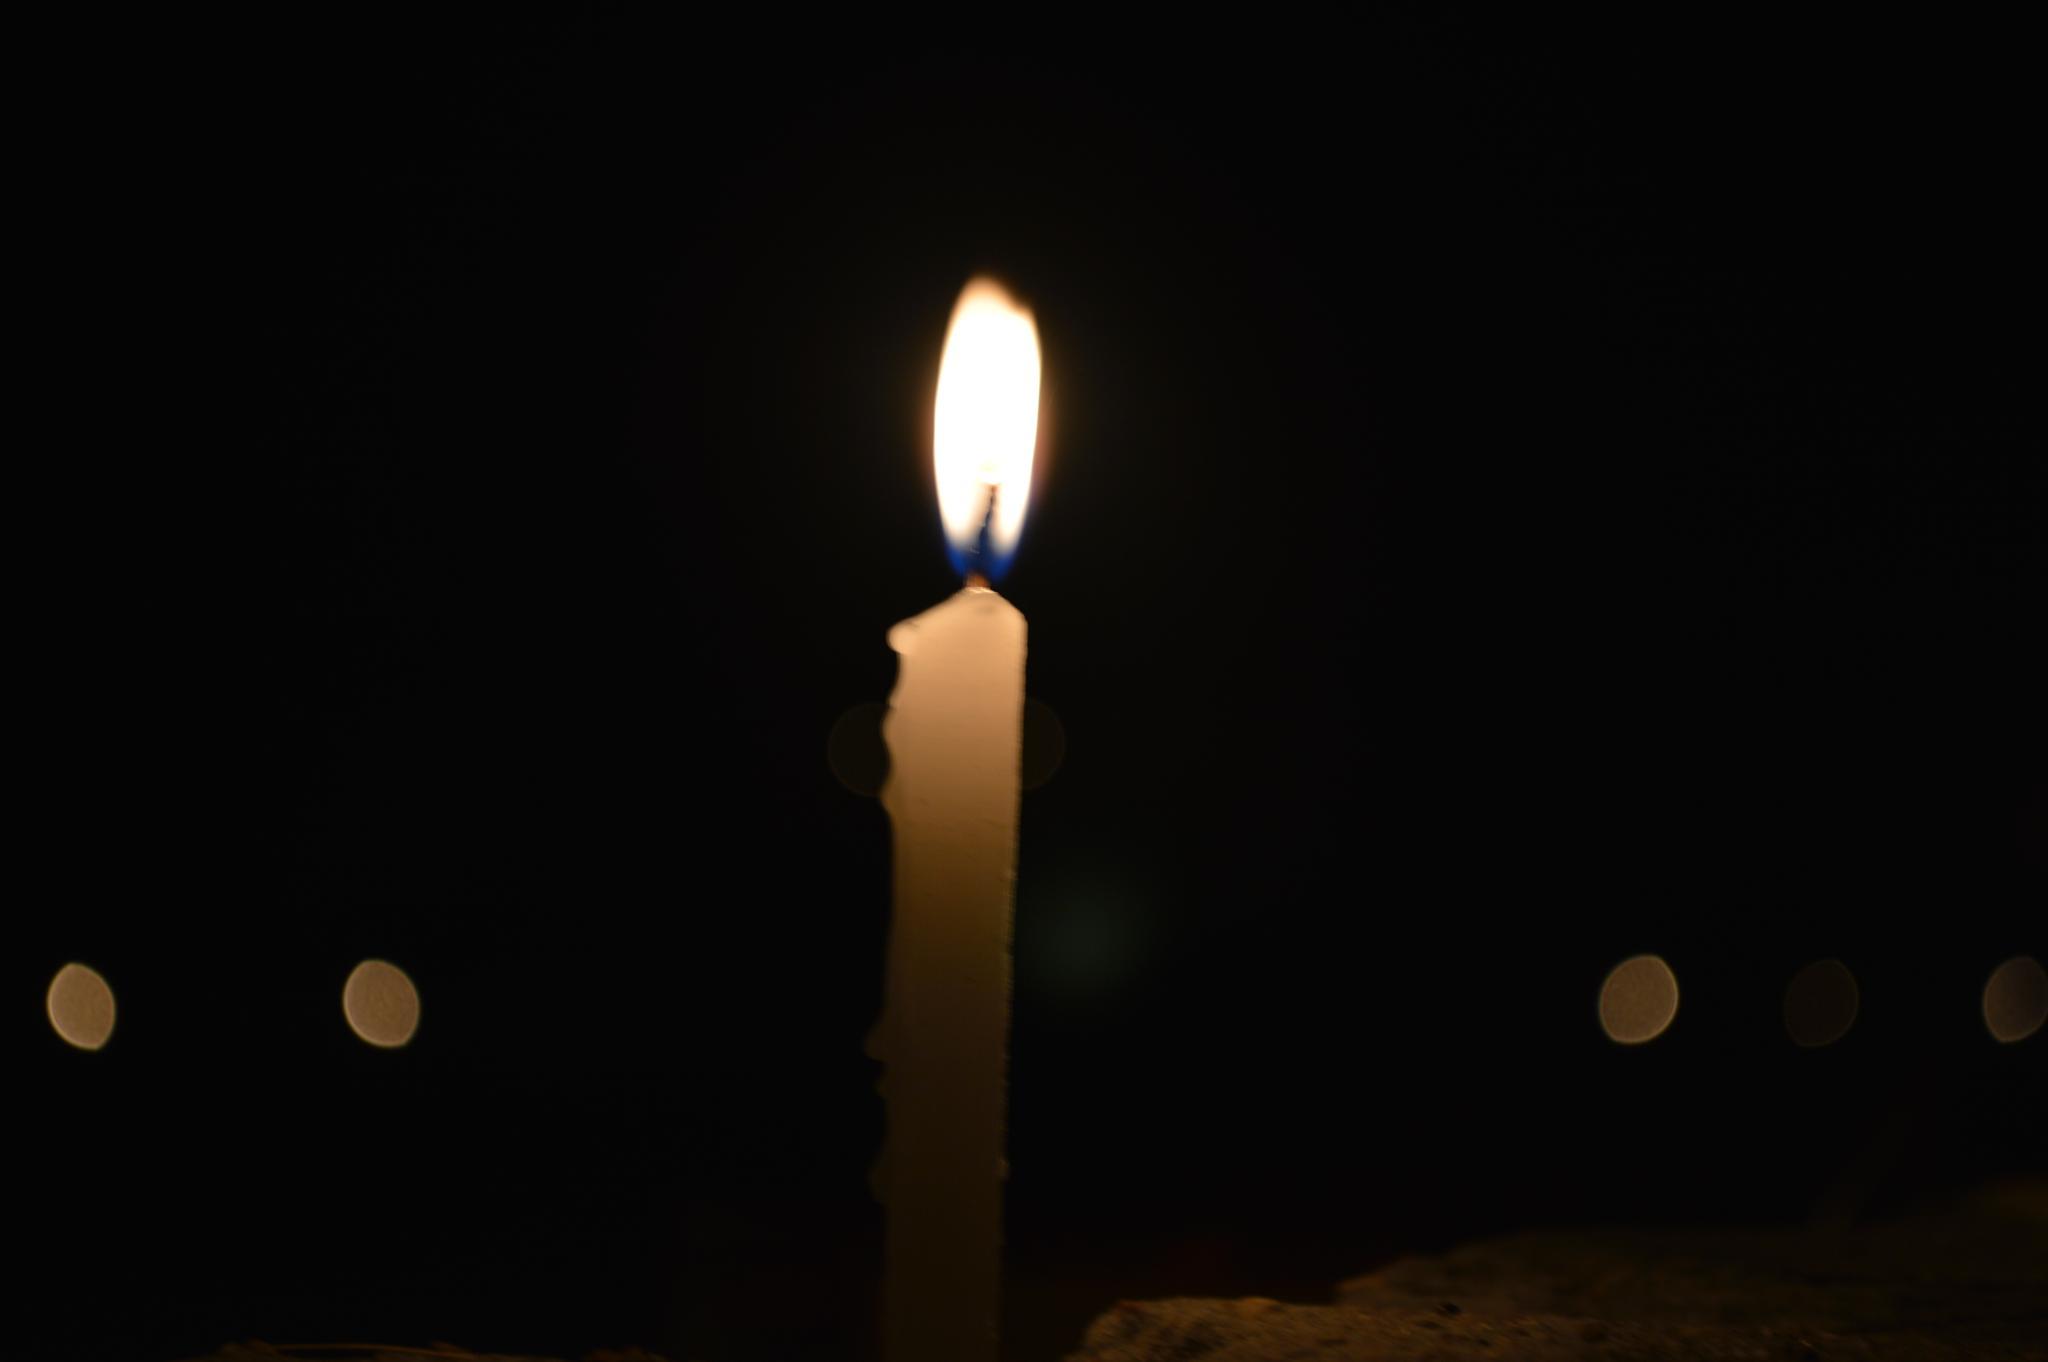 Light by saurabh